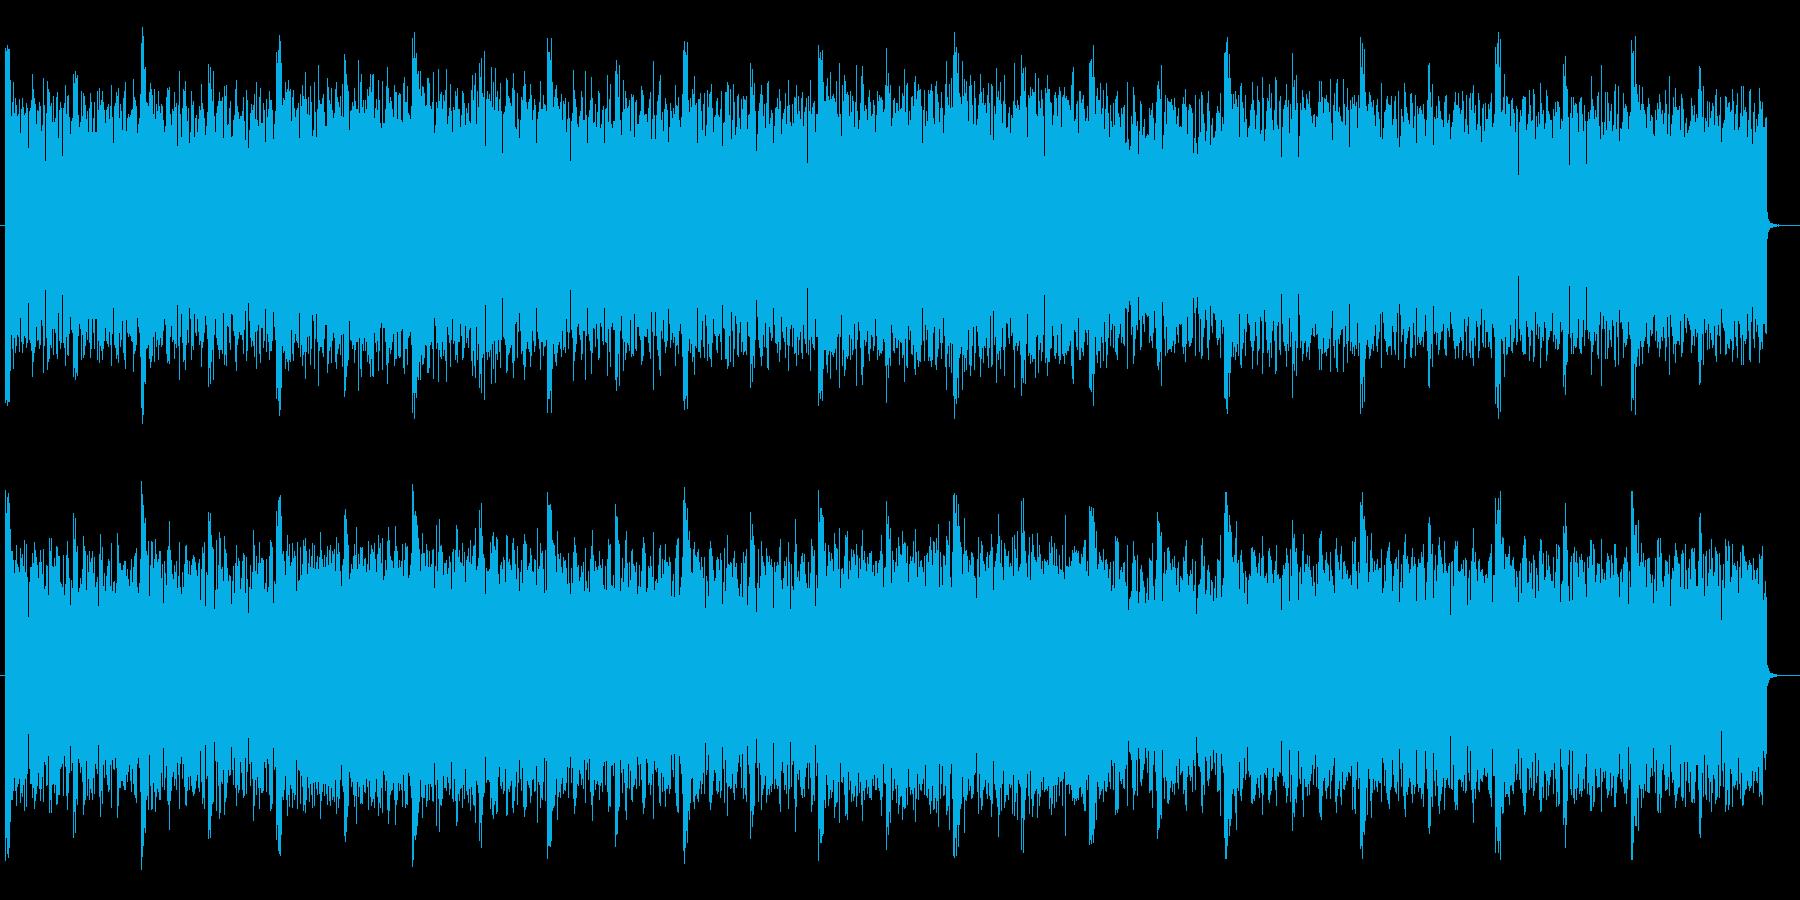 躍動感ある不思議なテクノサウンドの再生済みの波形